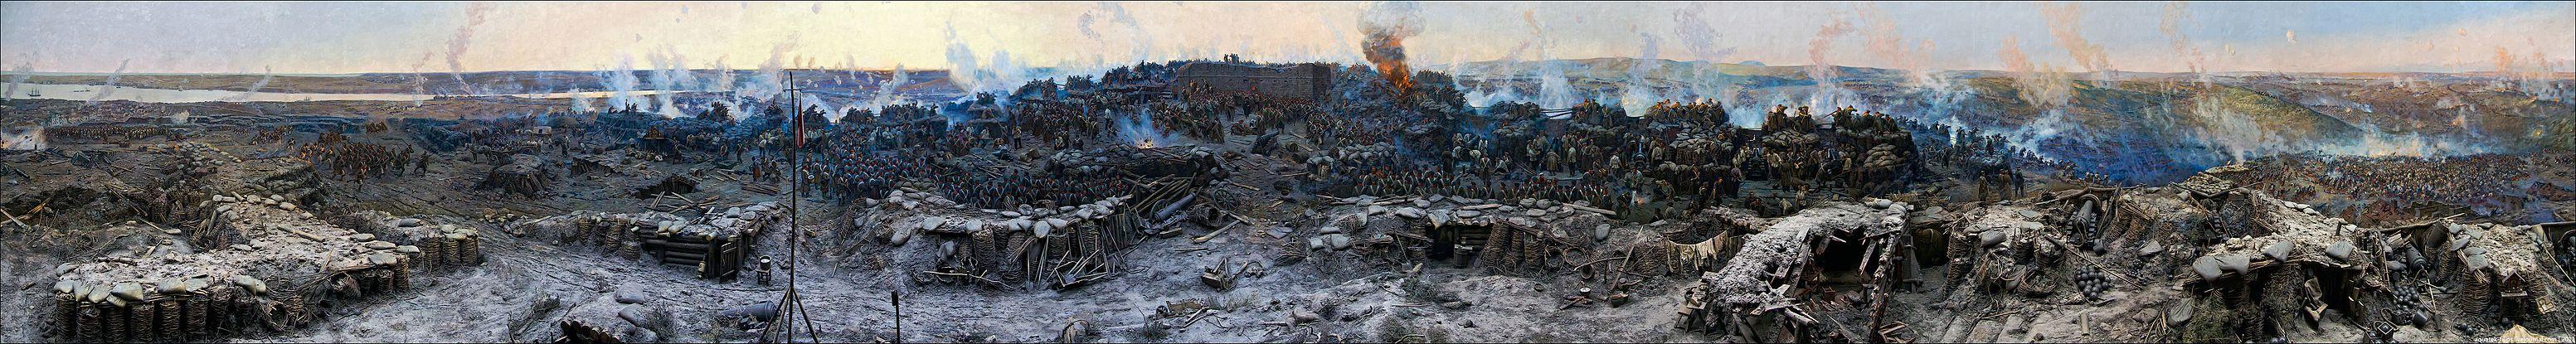 Франц Алексеевич Рубо , полотно на Панораме «Оборона Севастополя» (1854–1855)»